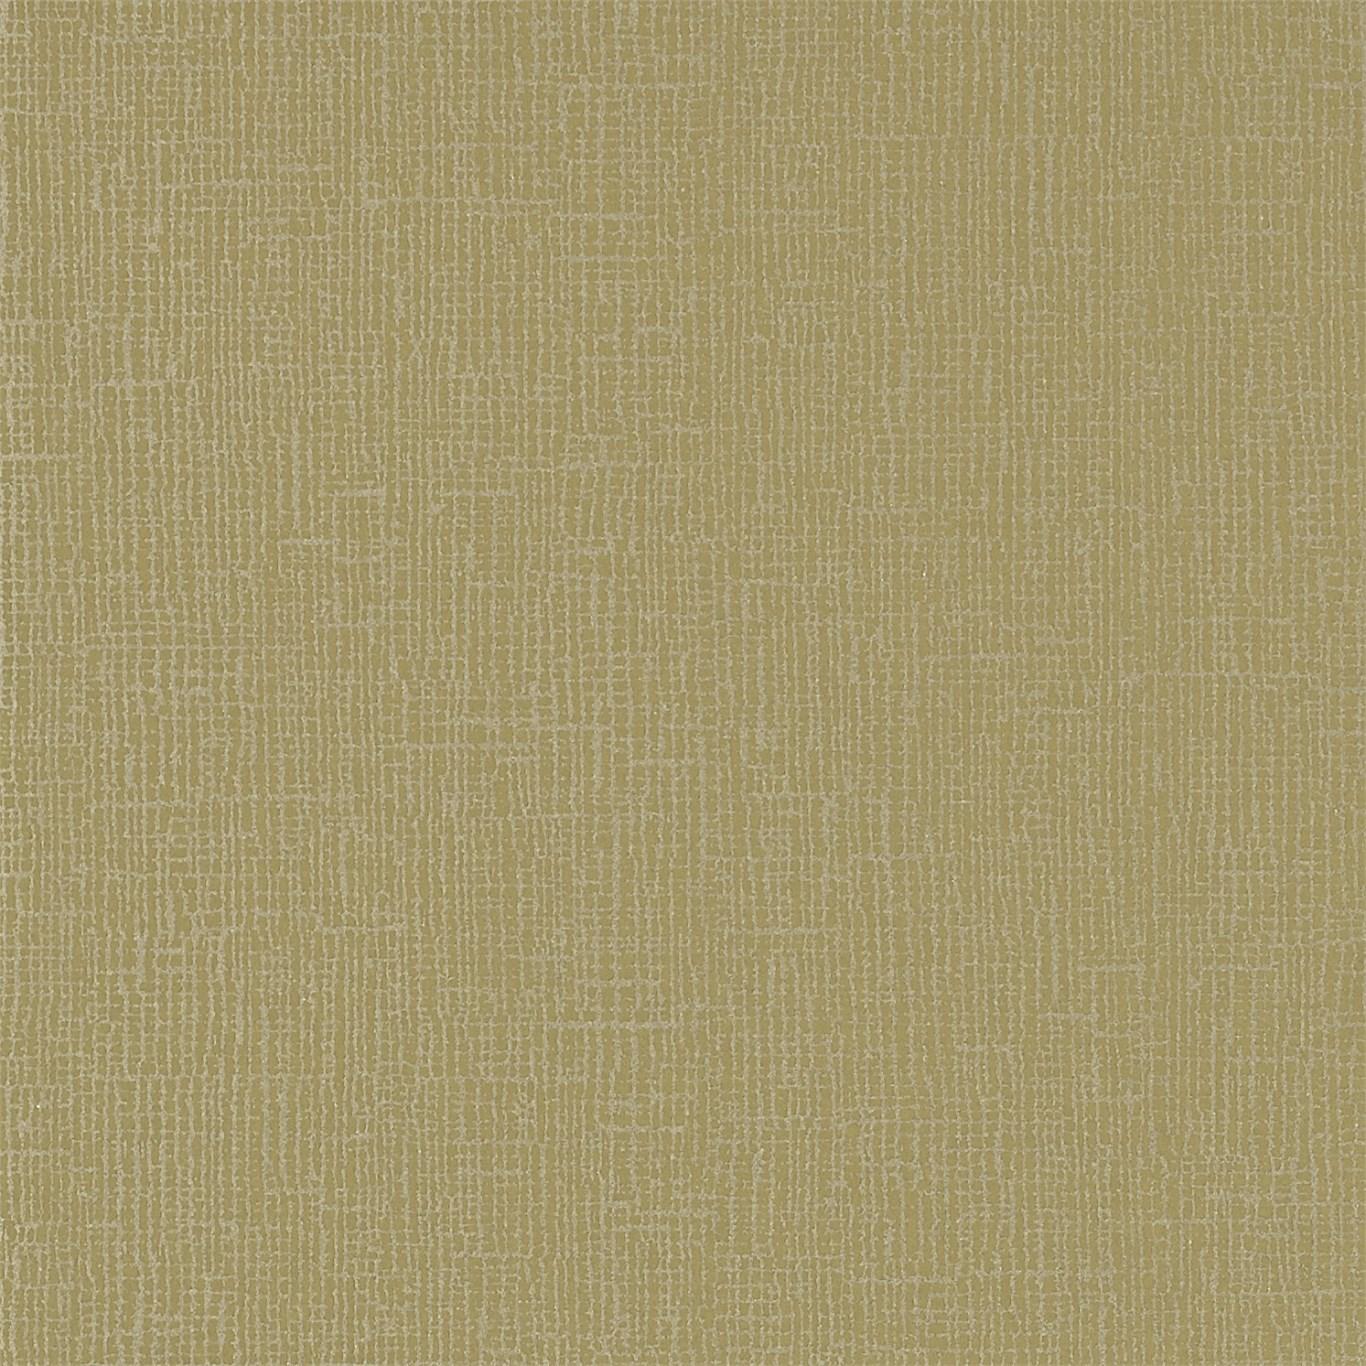 Английские обои Harlequin,  коллекция Momentum III, артикул110922